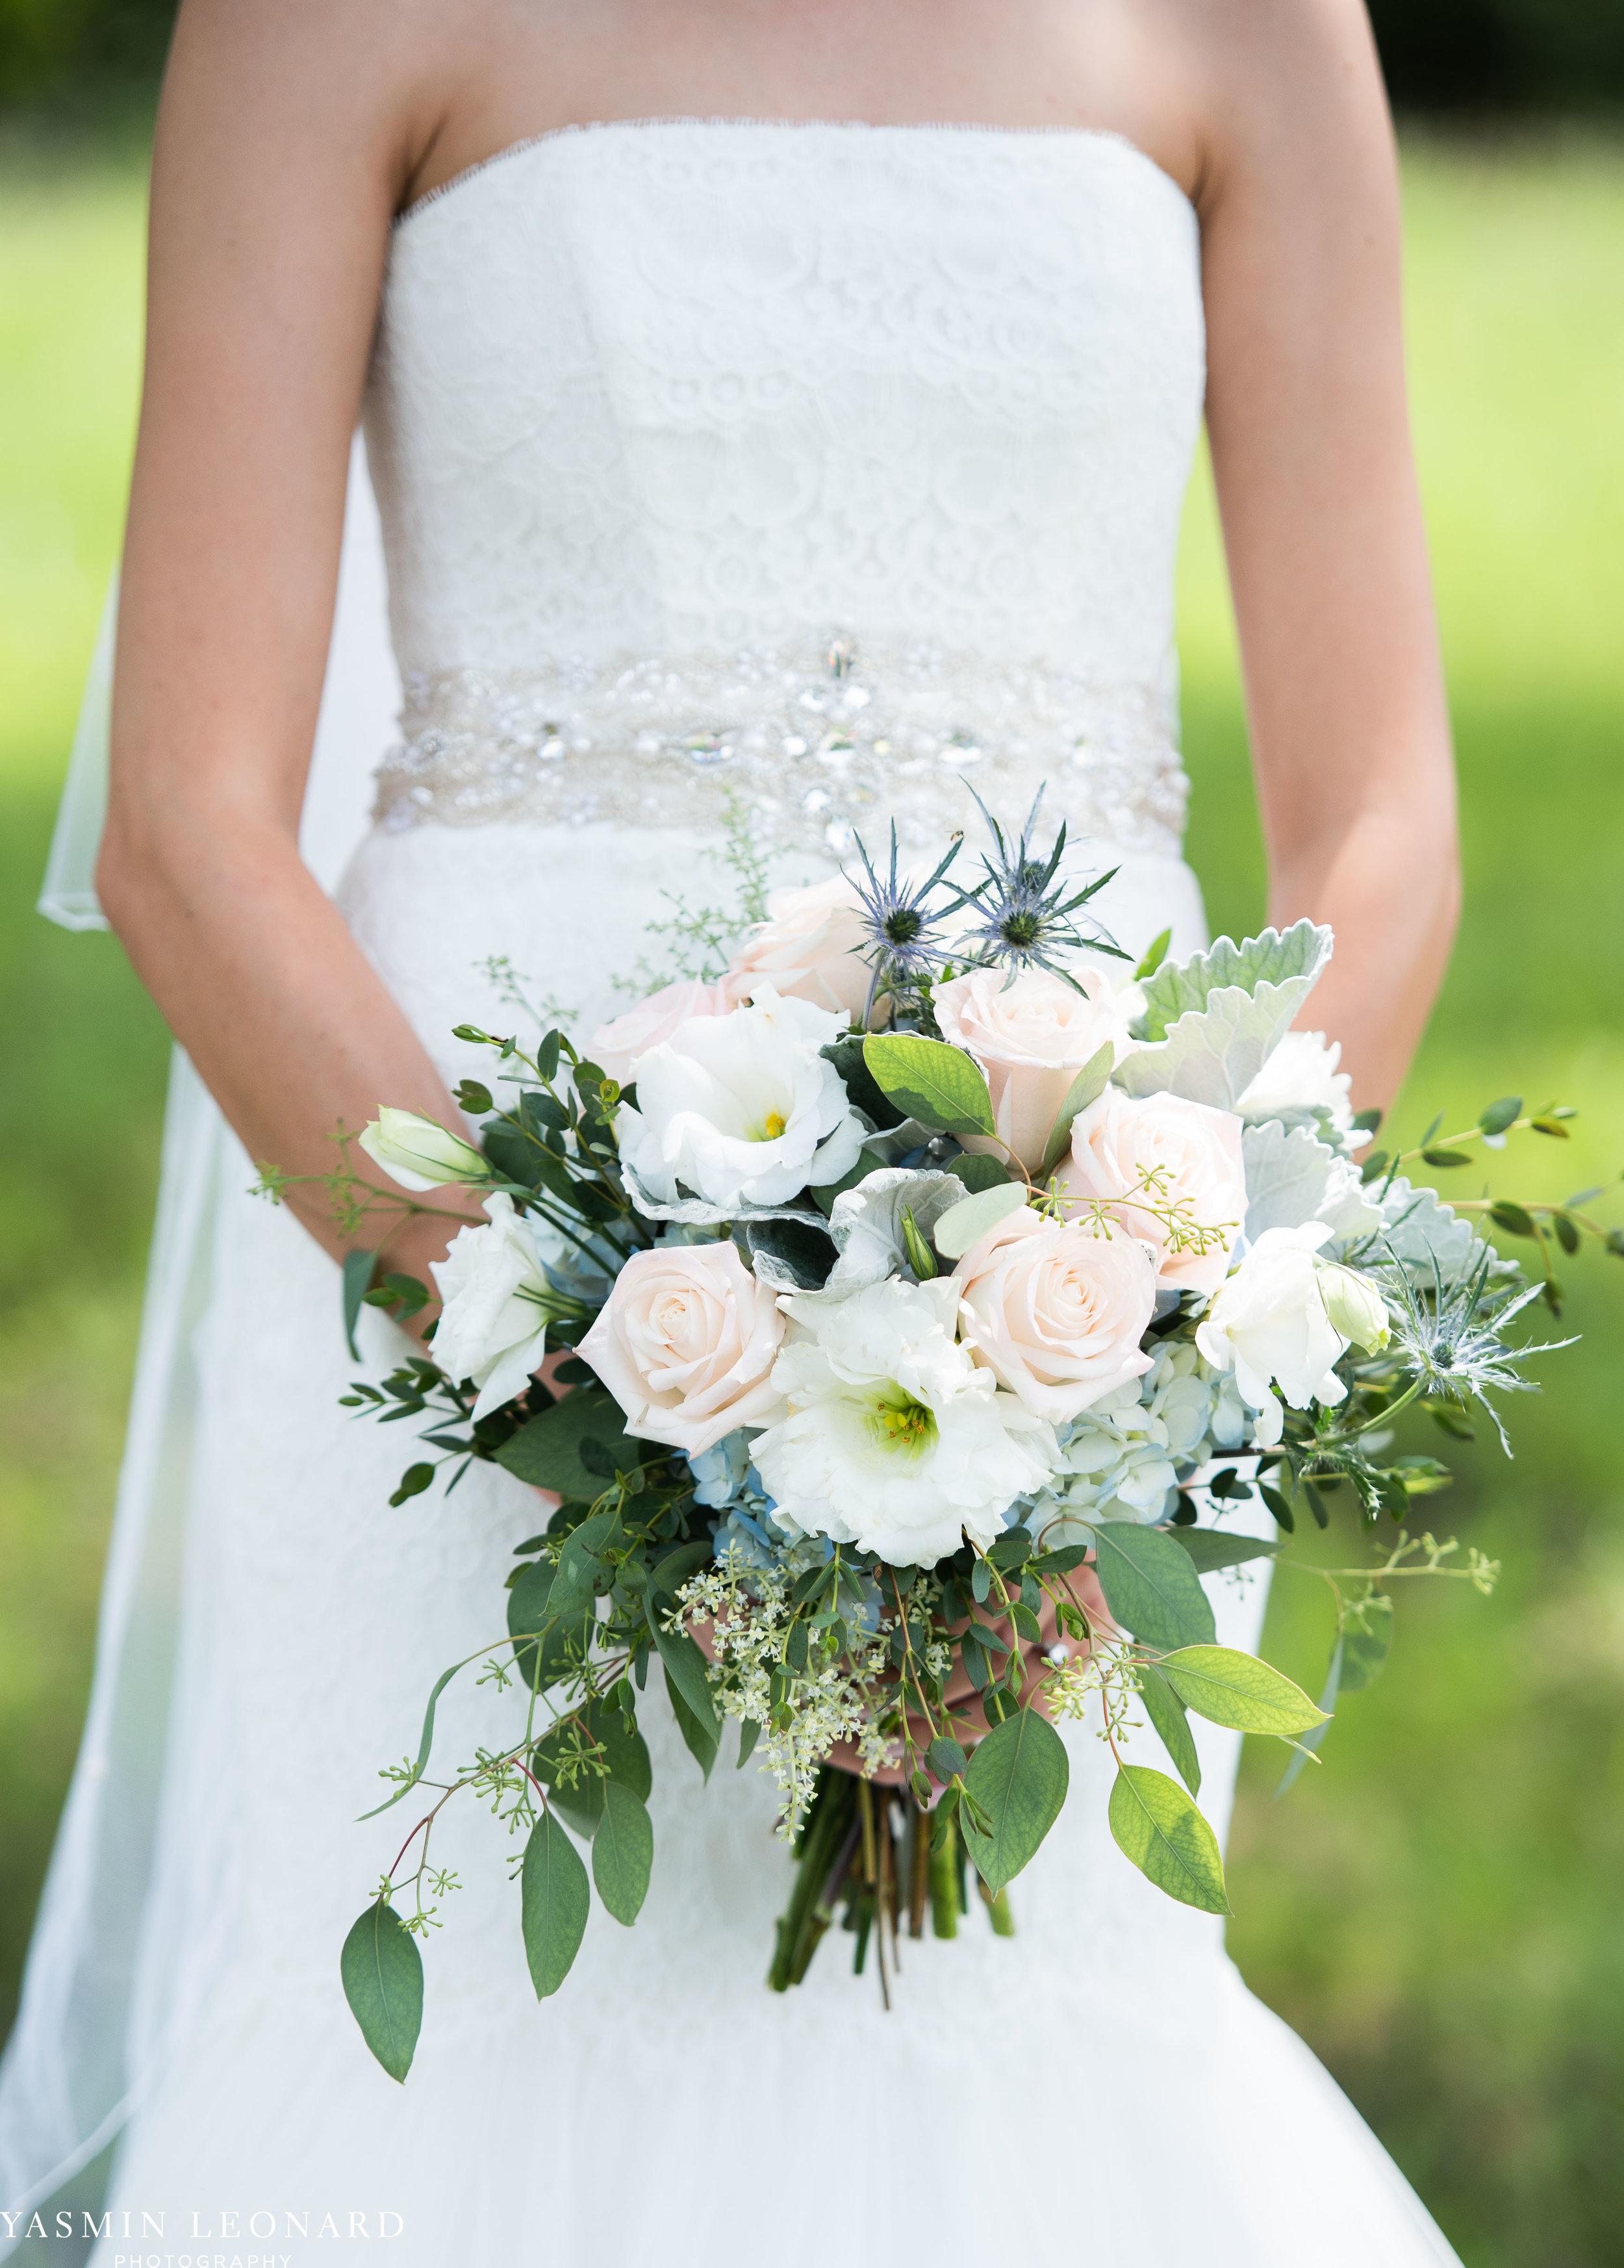 Mt. Pleasant Church - Church Wedding - Traditional Wedding - Church Ceremony - Country Wedding - Godly Wedding - NC Wedding Photographer - High Point Weddings - Triad Weddings - NC Venues-10.jpg